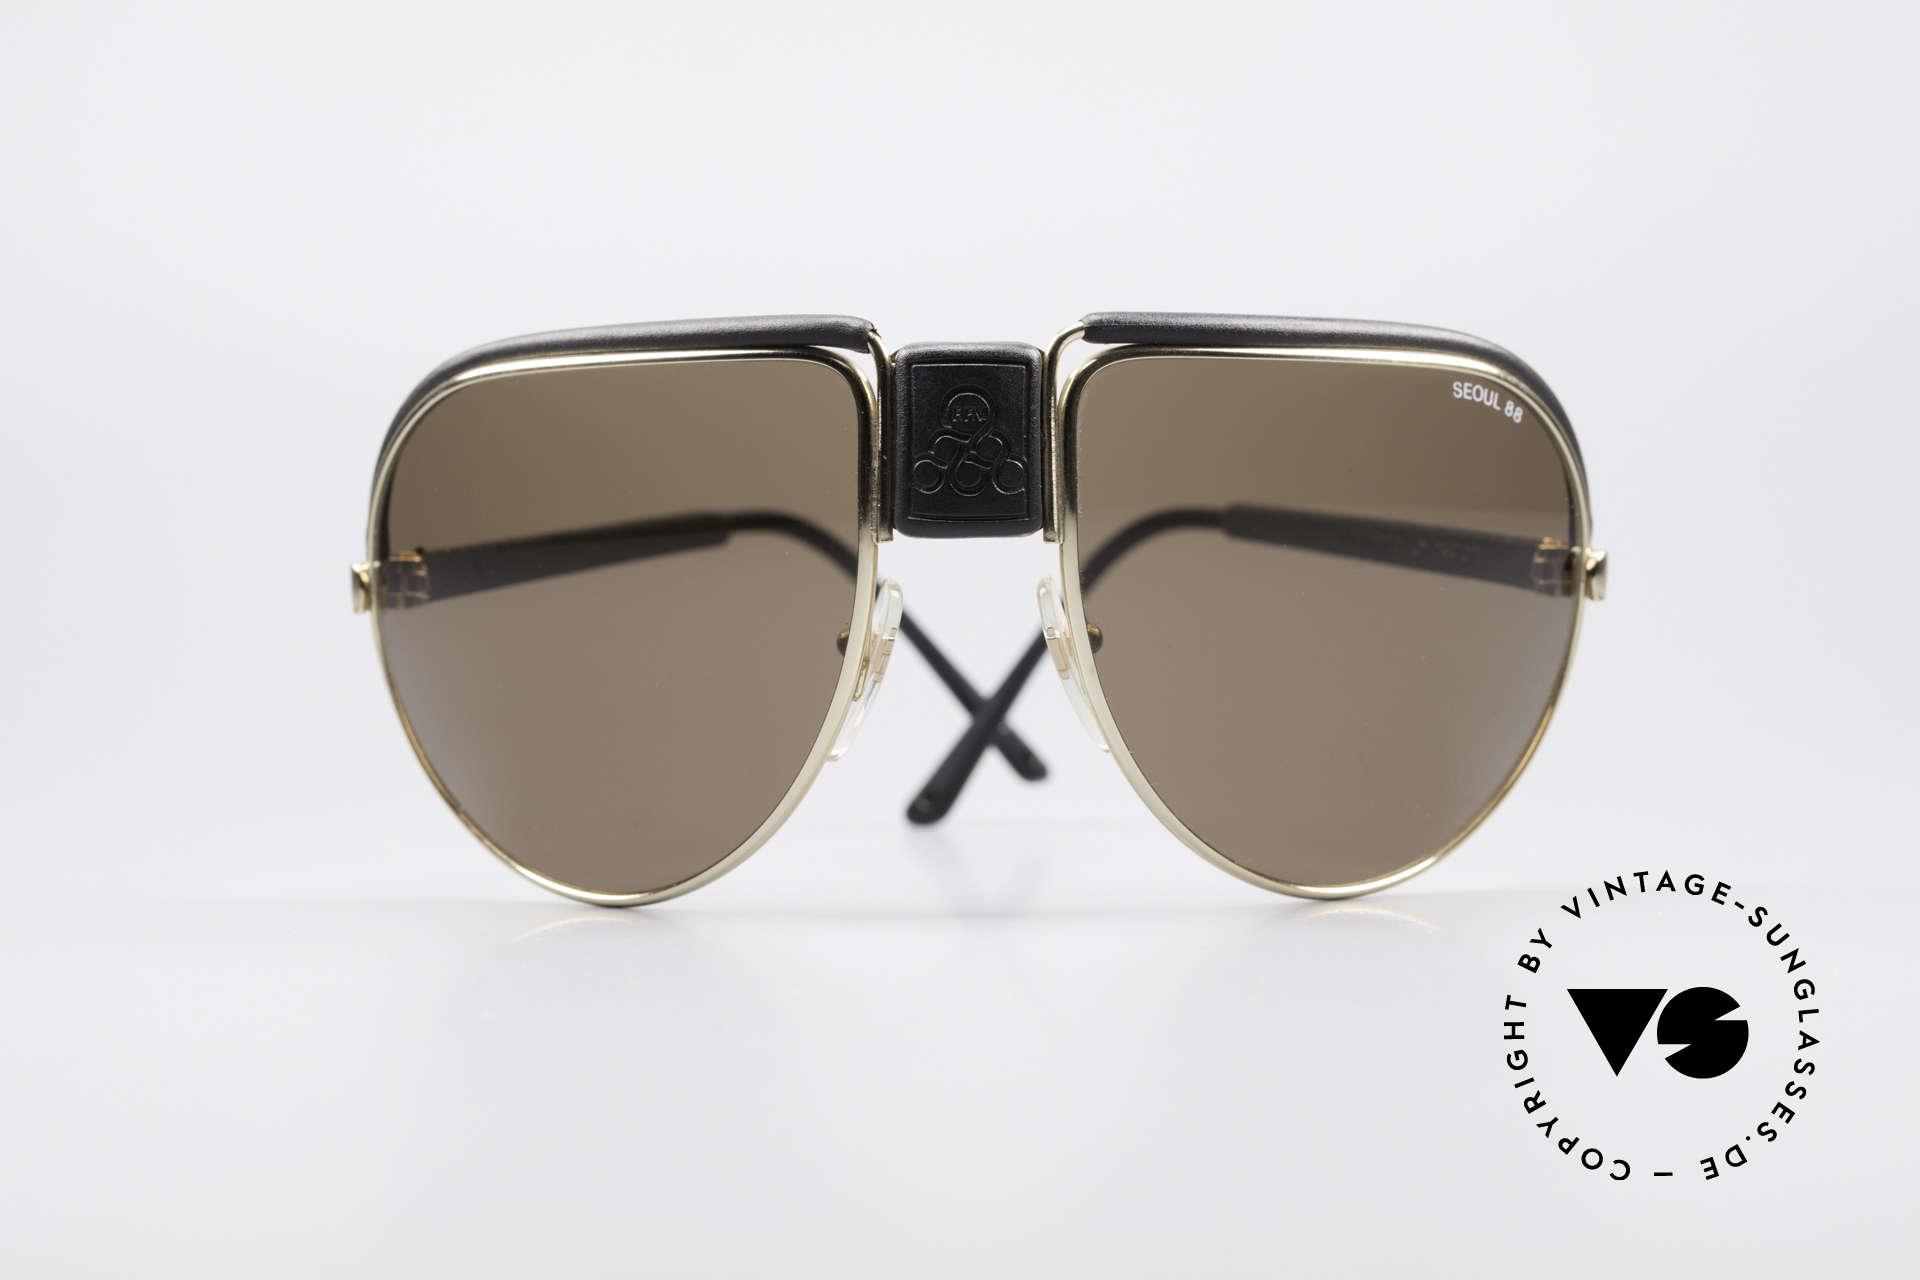 Cebe Seoul 88 Olympische Spiele Brille, eigens für die Olympischen Spiele 1988 in Seoul gefertigt, Passend für Herren